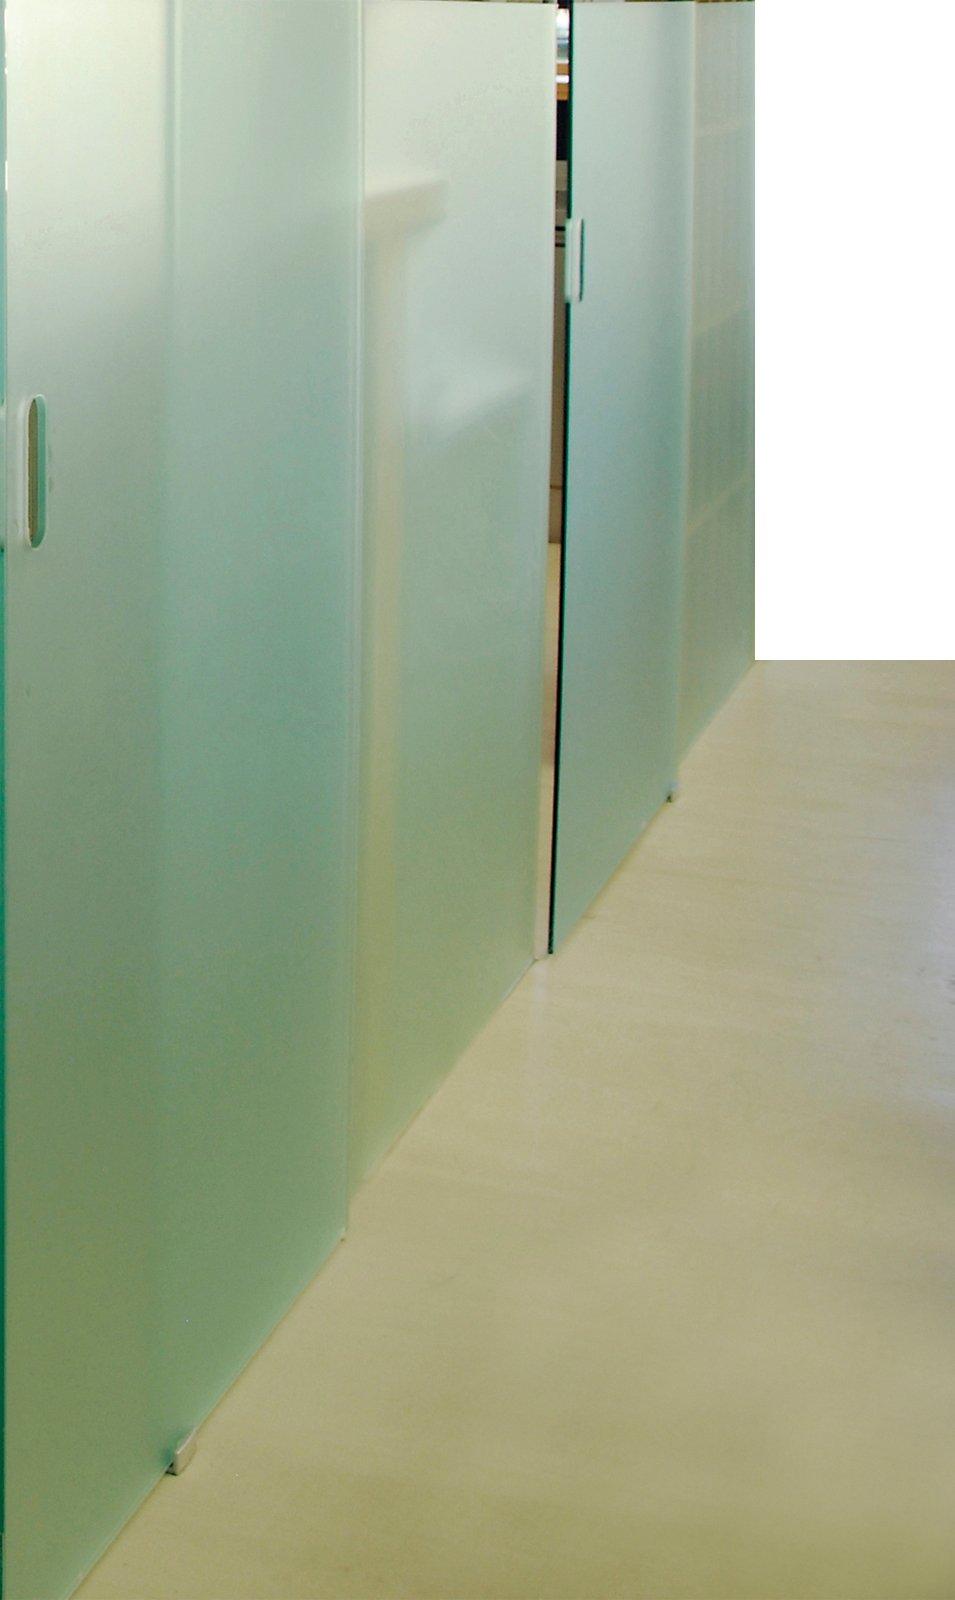 Dal bagno lungo e stretto ricavare la lavanderia il preventivo dei costi cose di casa - Lastre di specchio ...